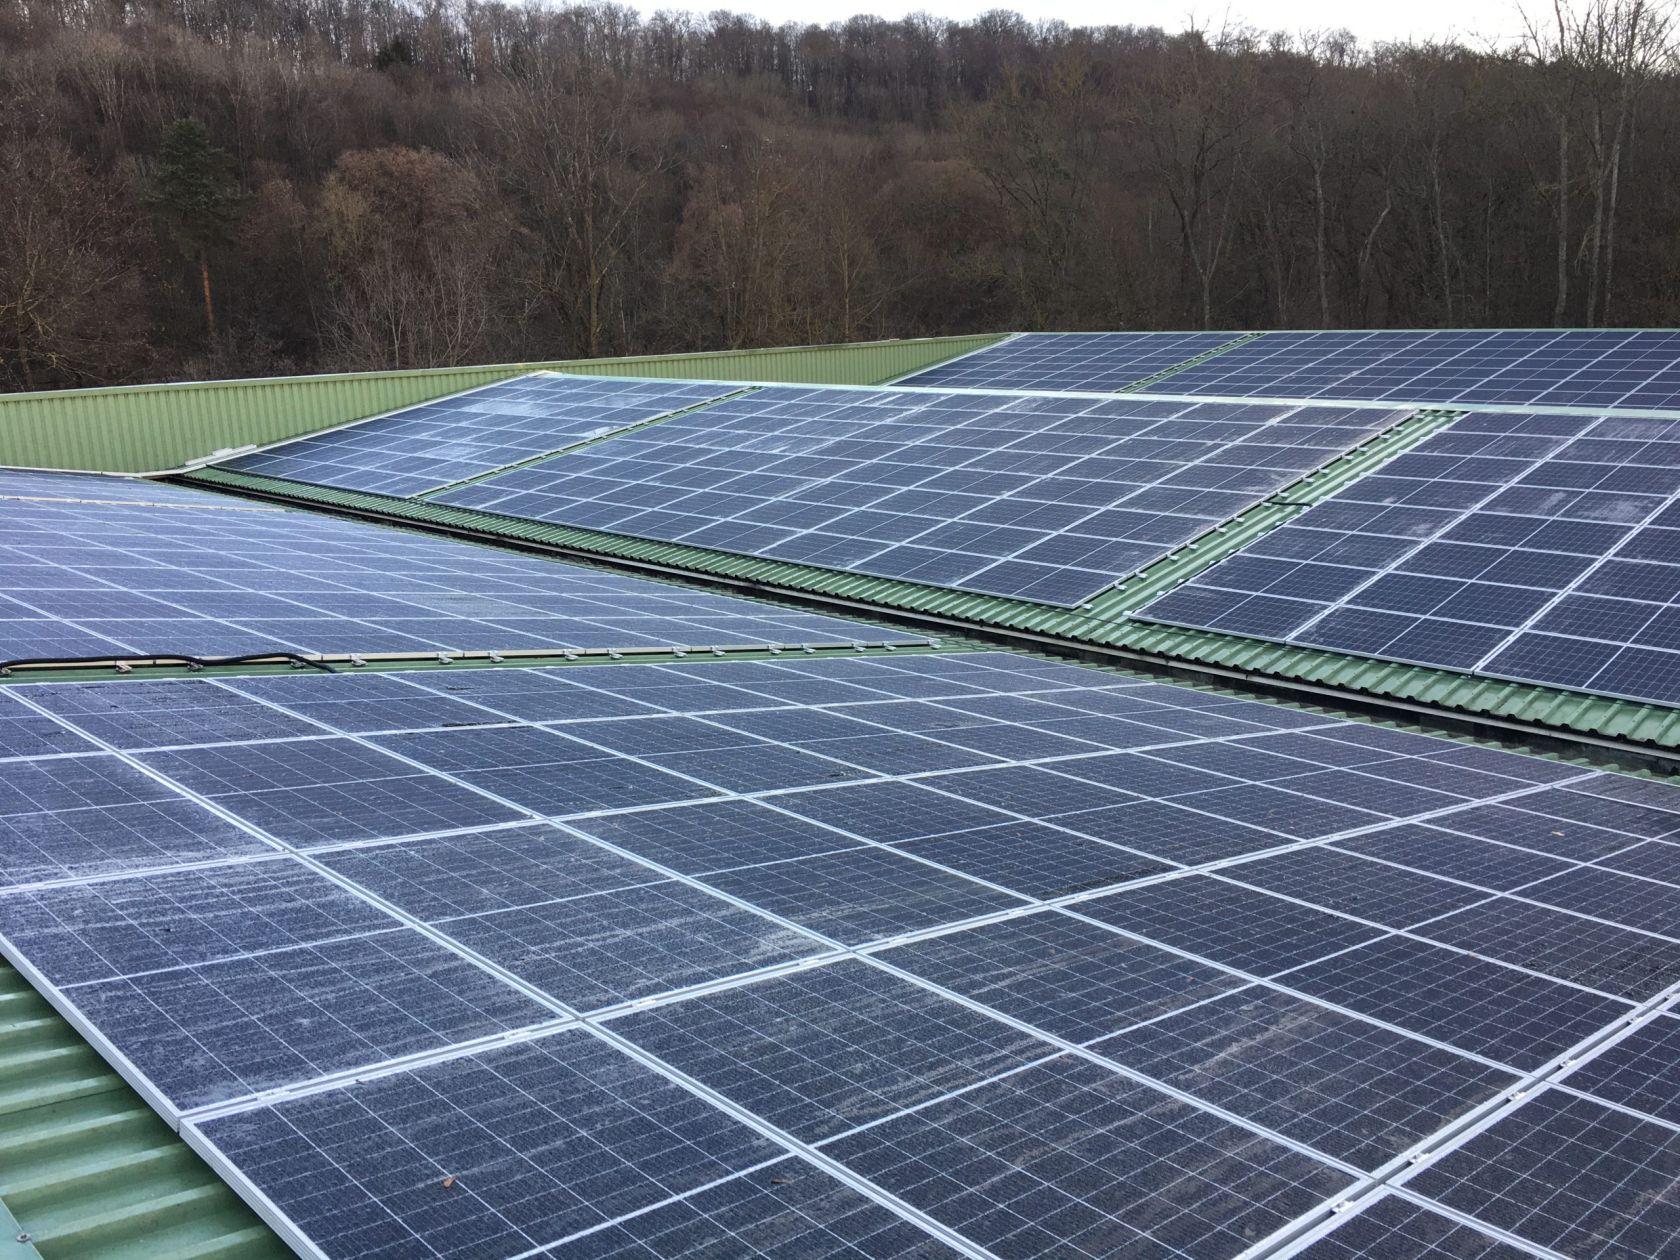 Photovoltaik Platten auf dem Dach der Lagerhallen